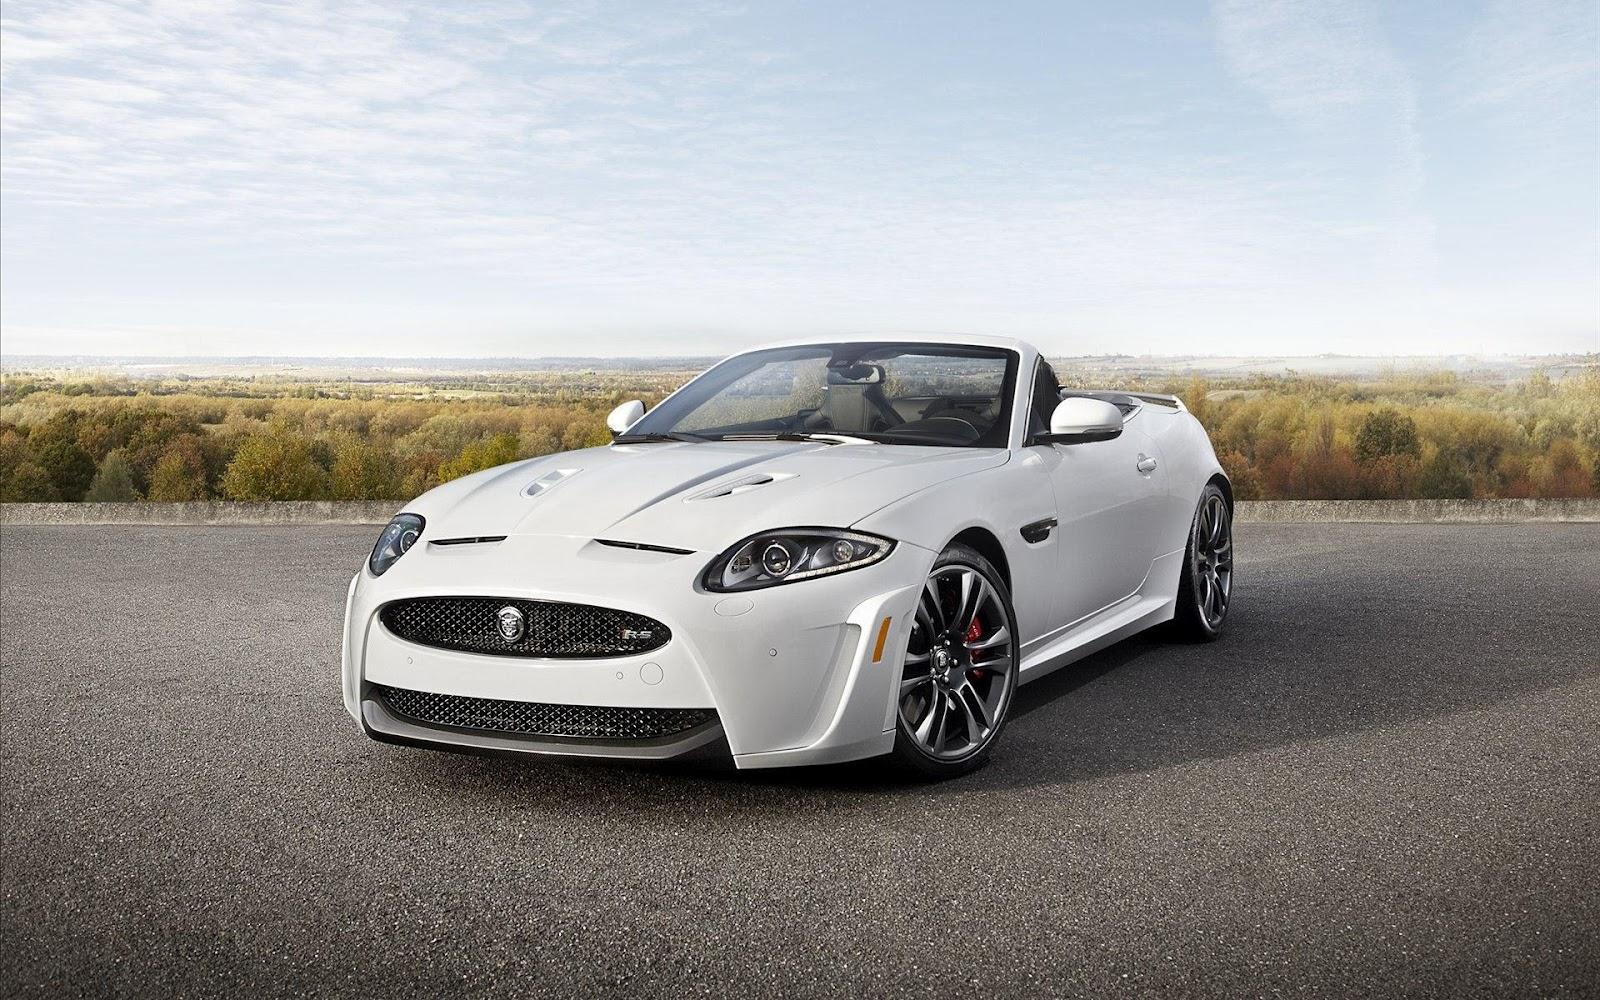 http://2.bp.blogspot.com/-Lbb5IMwPwXQ/T_5nMoTAmvI/AAAAAAAAEqs/jgjPz3Y6NcY/s1600/Jaguar+XKR-S+Convertible+2012_1.jpg